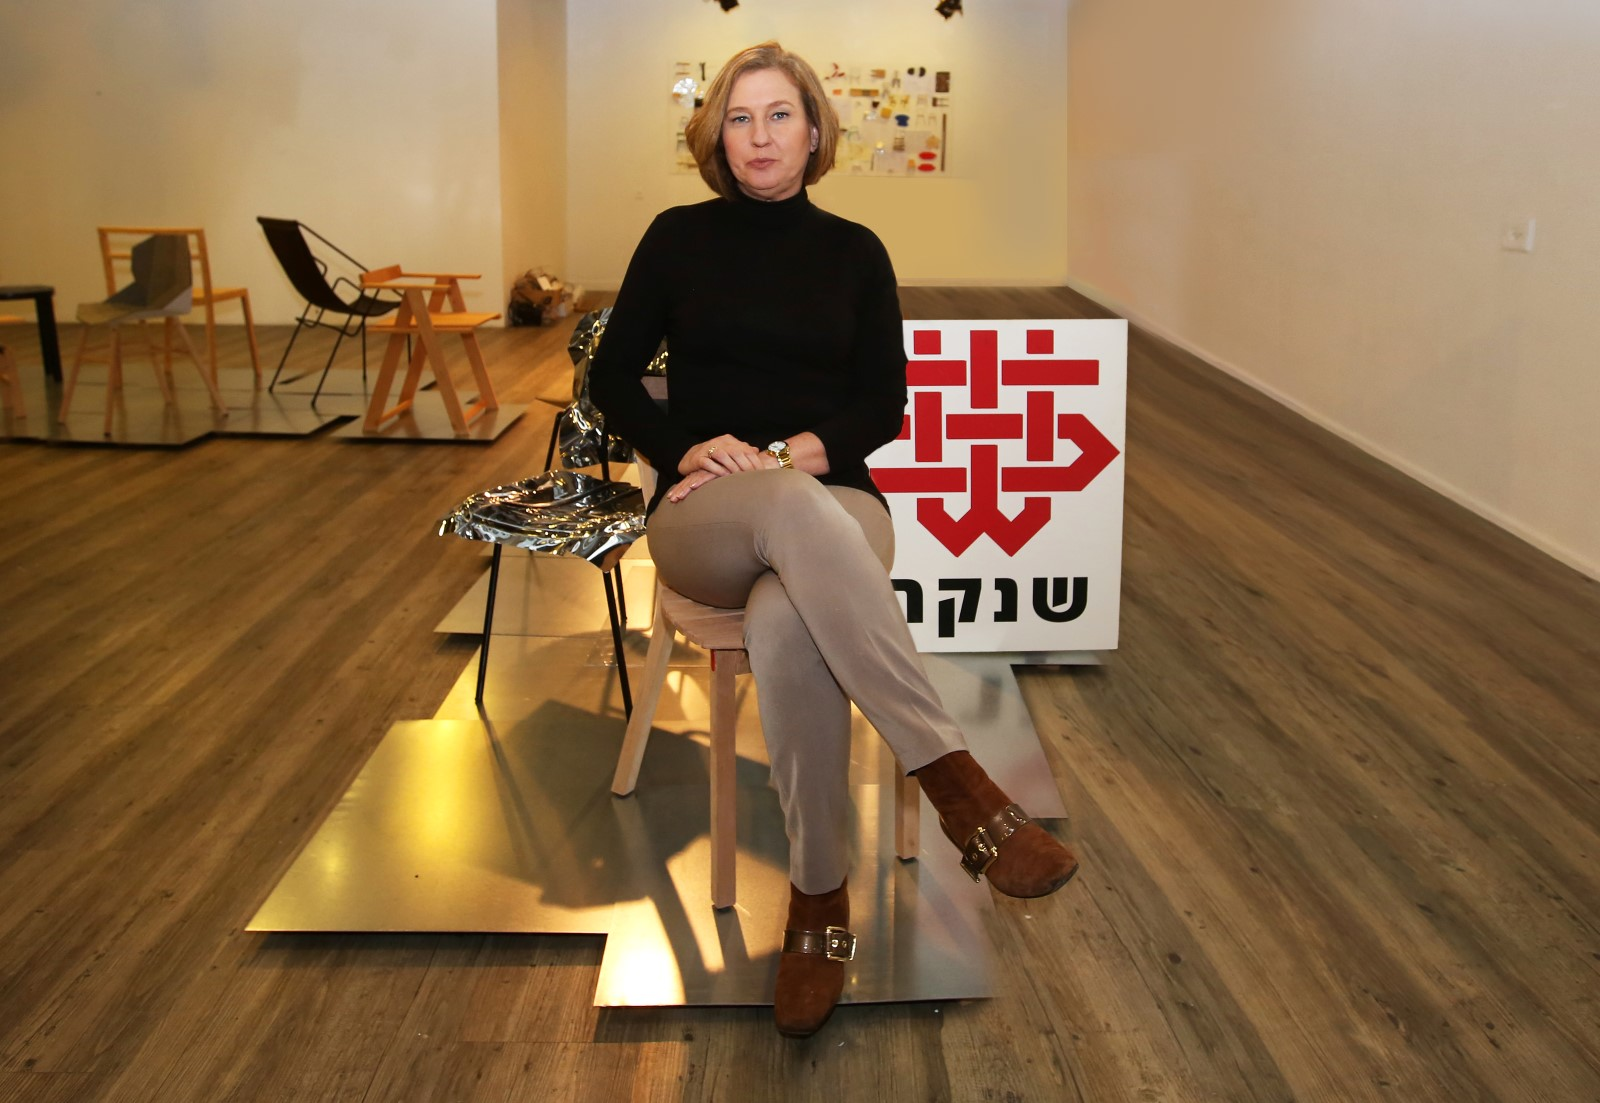 ציפי ליבני בתערוכת הכיסאות בשנקר; צילום: אחיקם בן יוסף